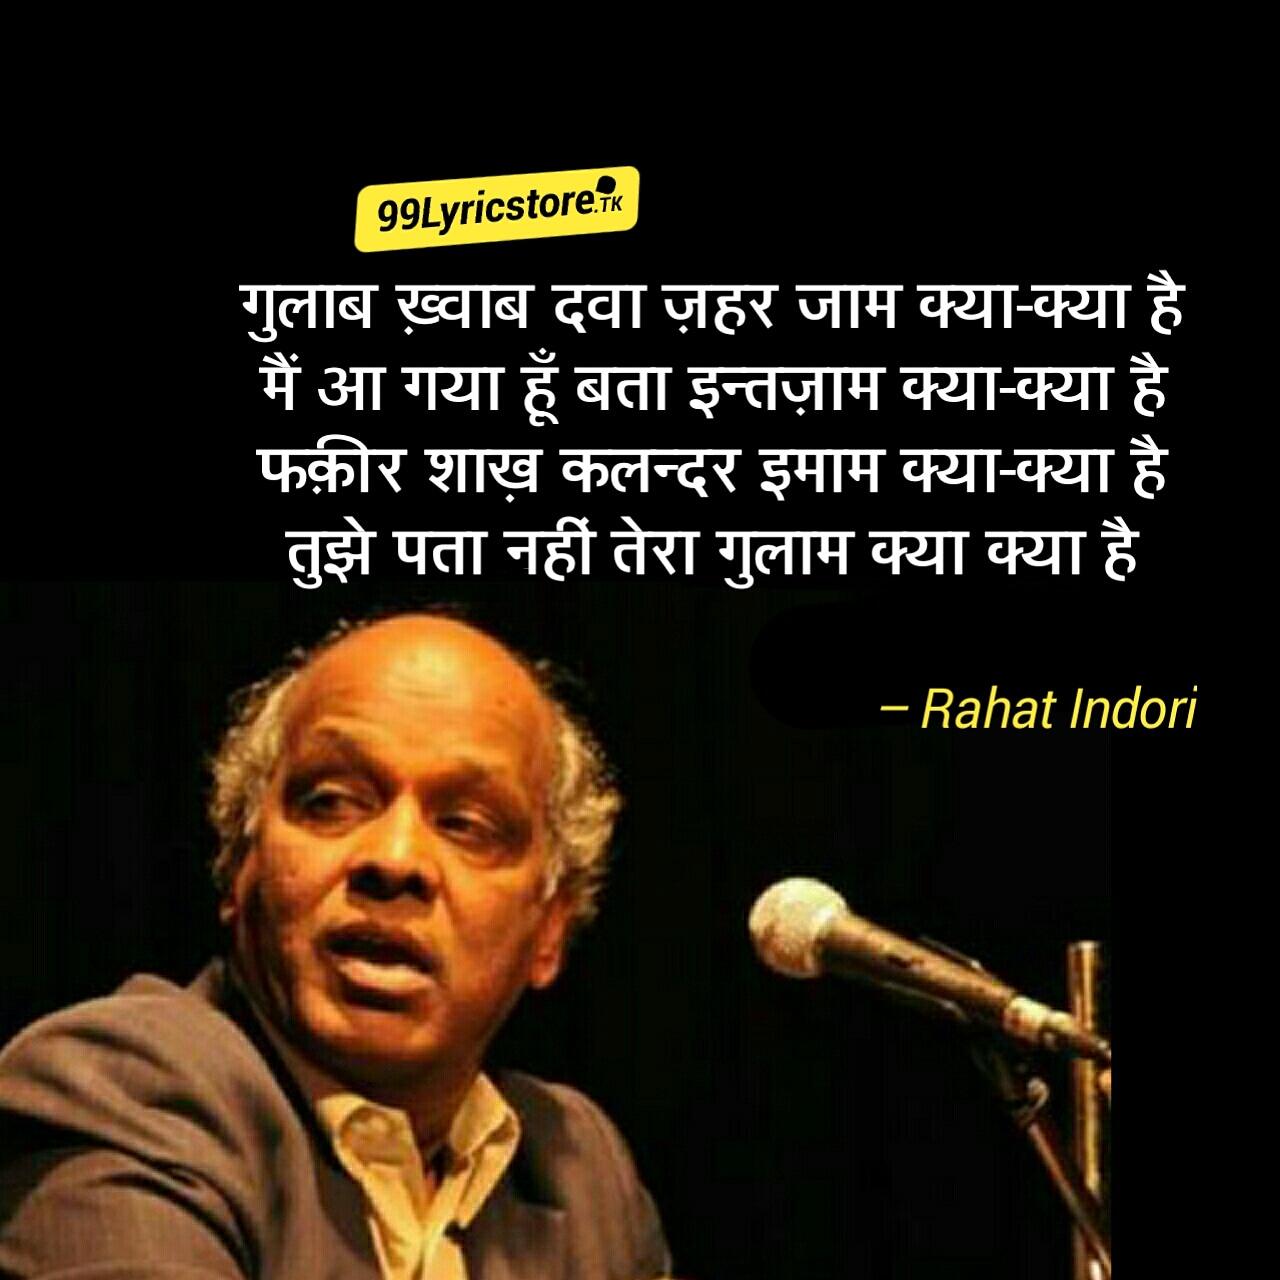 'Gulab, Khwab, Dawa, Zahar, Jaam, Kya Kya Hain' written and performed by Rahat Indori. This poetry is best Ghazal and Shayari of Rahat Indori.